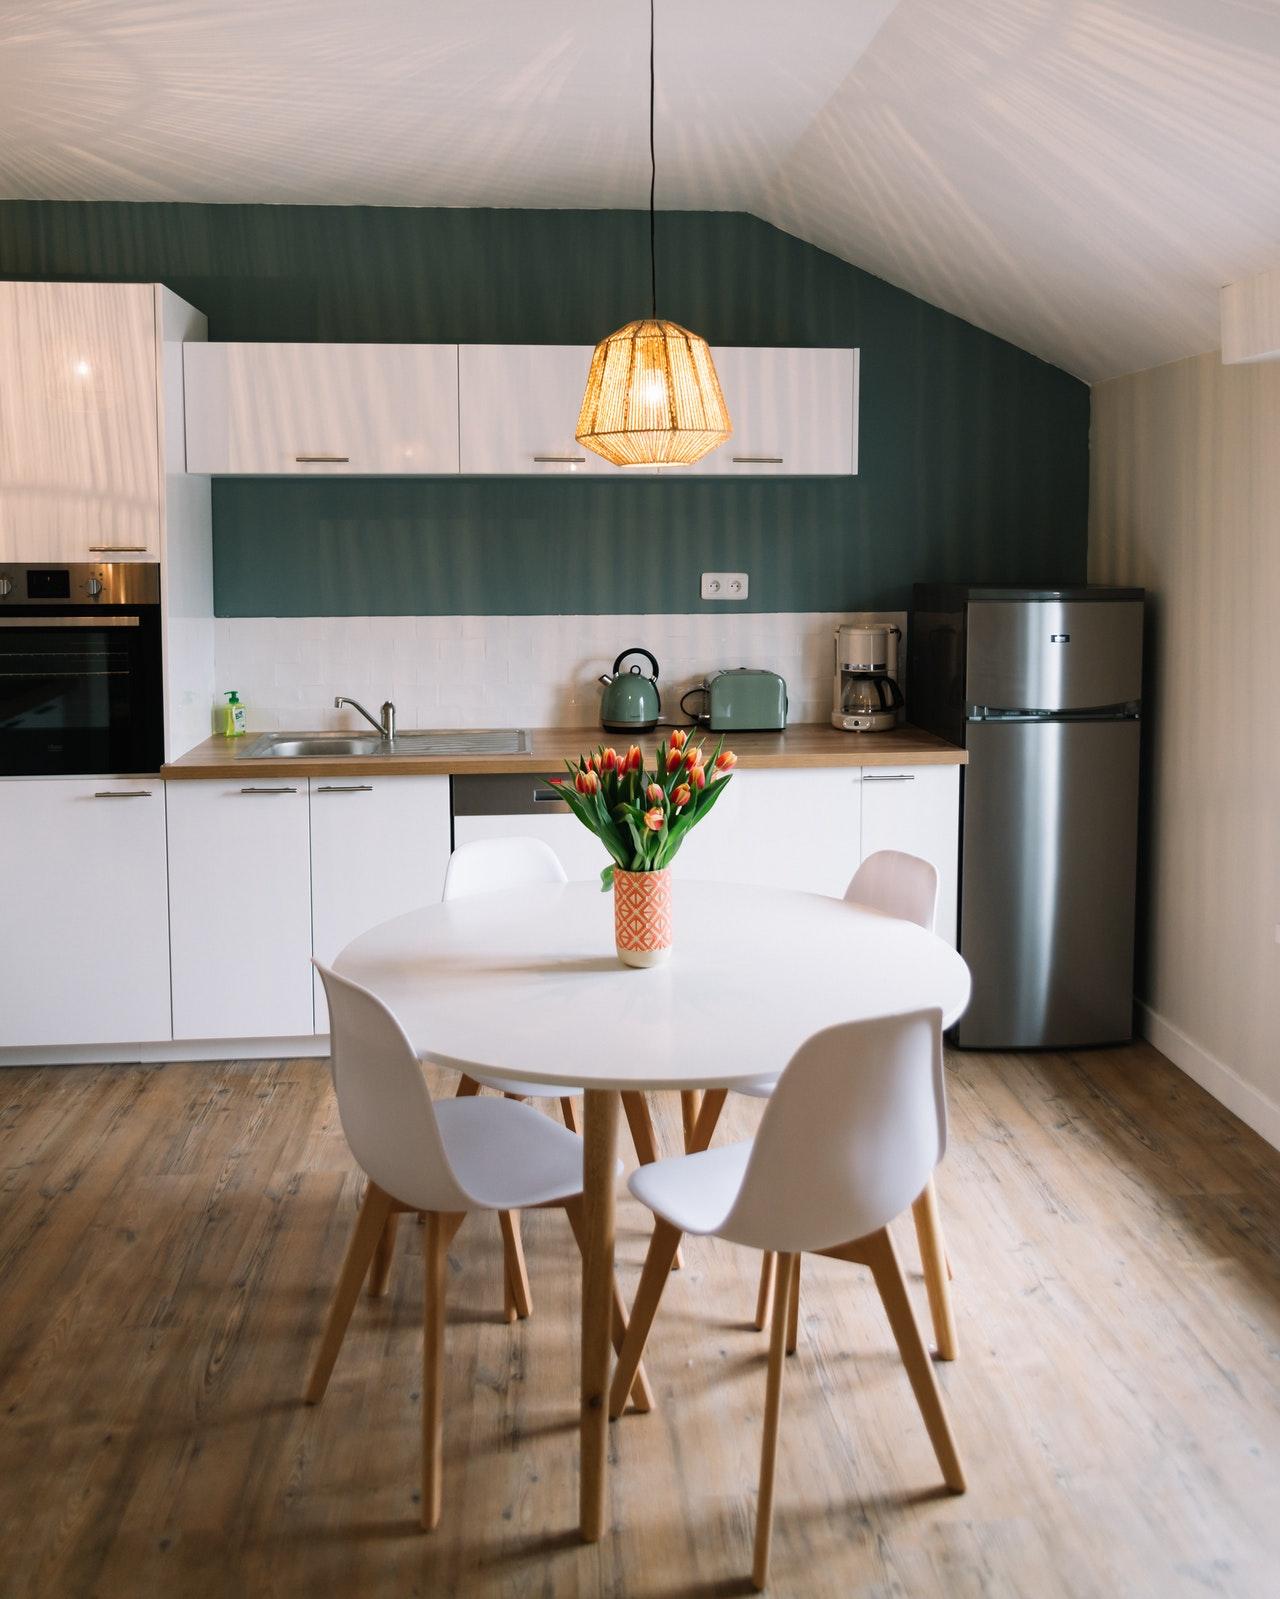 Mit einem Handstaubsauger mit Kabel kannst du die komplette Wohnung auf einmal saugen, ohne zwischendurch einen Akku aufladen zu müssen.